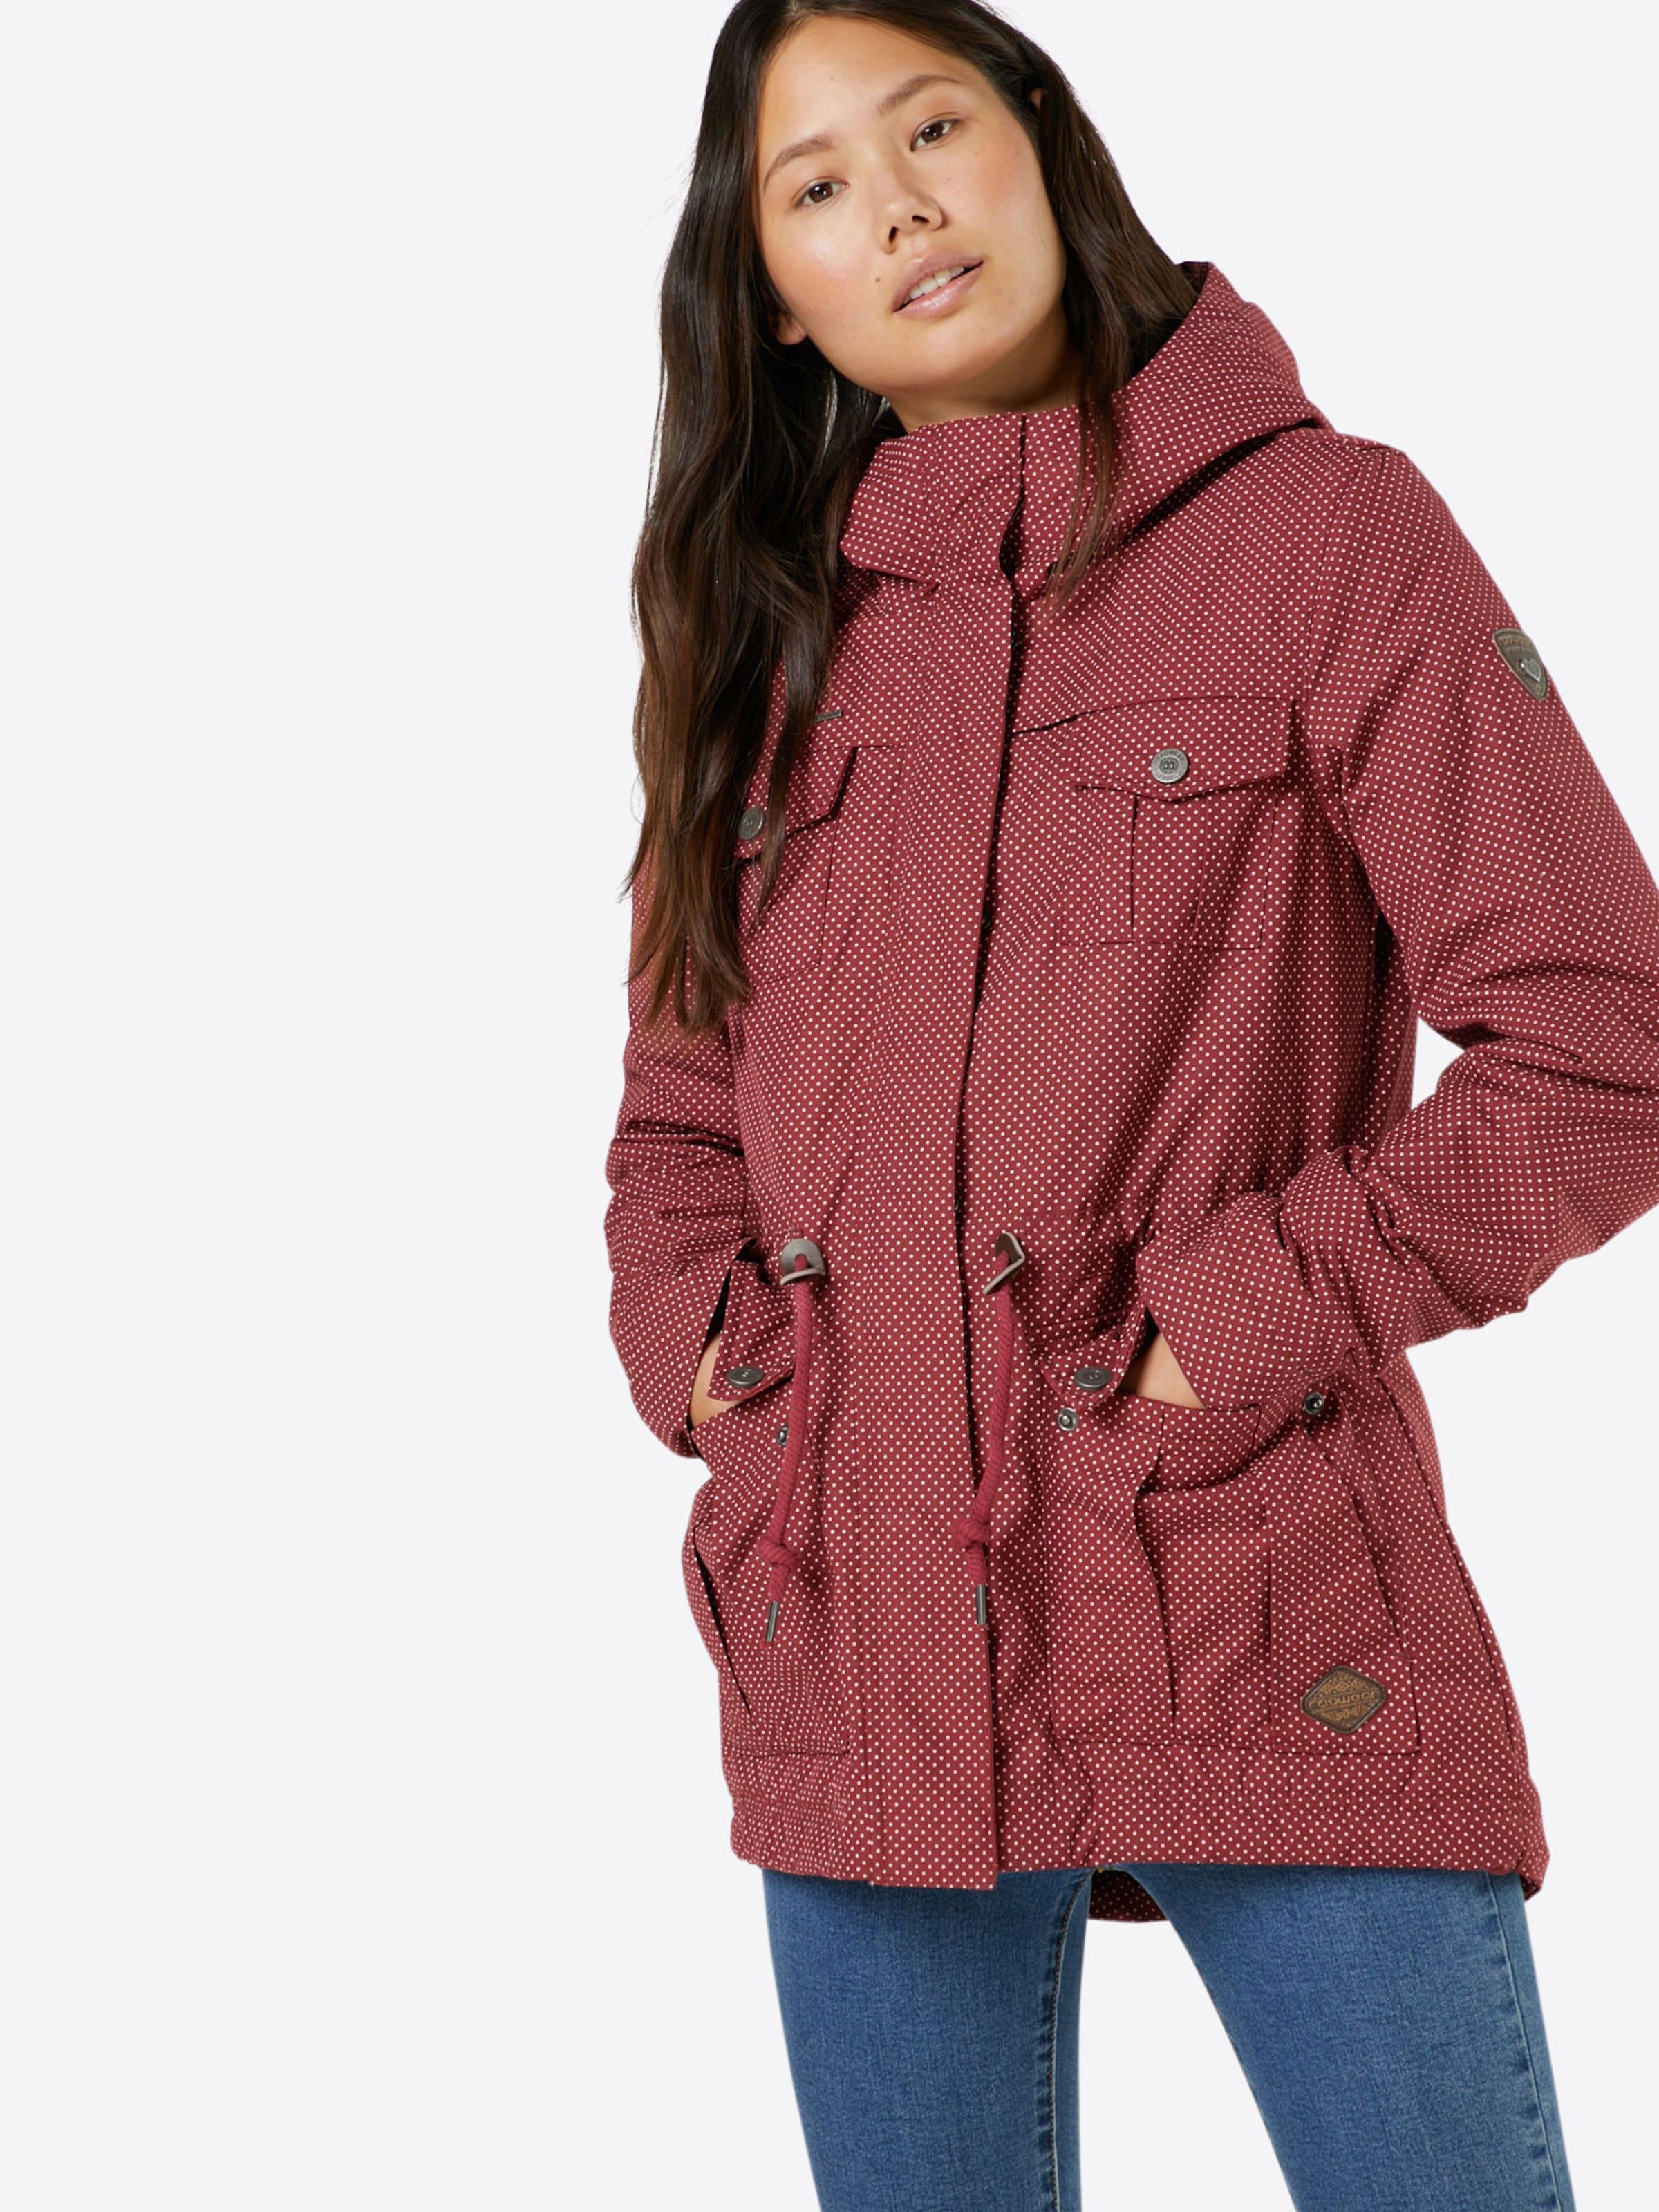 Billig Neueste Ragwear Winterjacke 'Laika' Billige Nicekicks Spielraum Fabrikverkauf Rabatt Bilder Sonnenschein 25DlYx